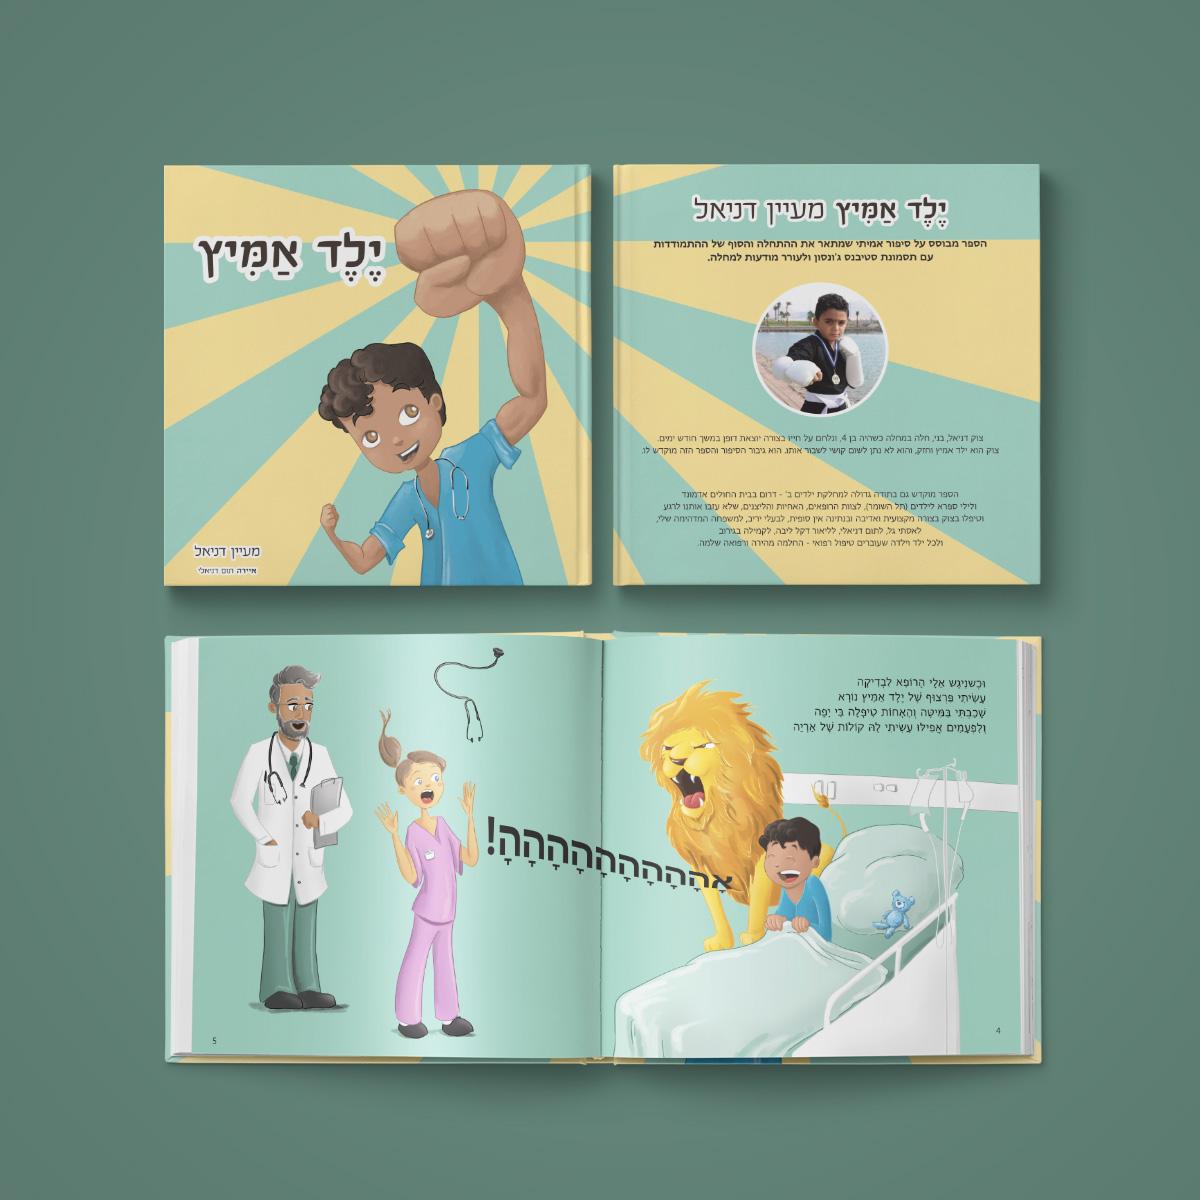 סגירה ועימוד לדפוס של ספרים מעיין דניאל ילד אמיץ | ליאור דקל ליבה